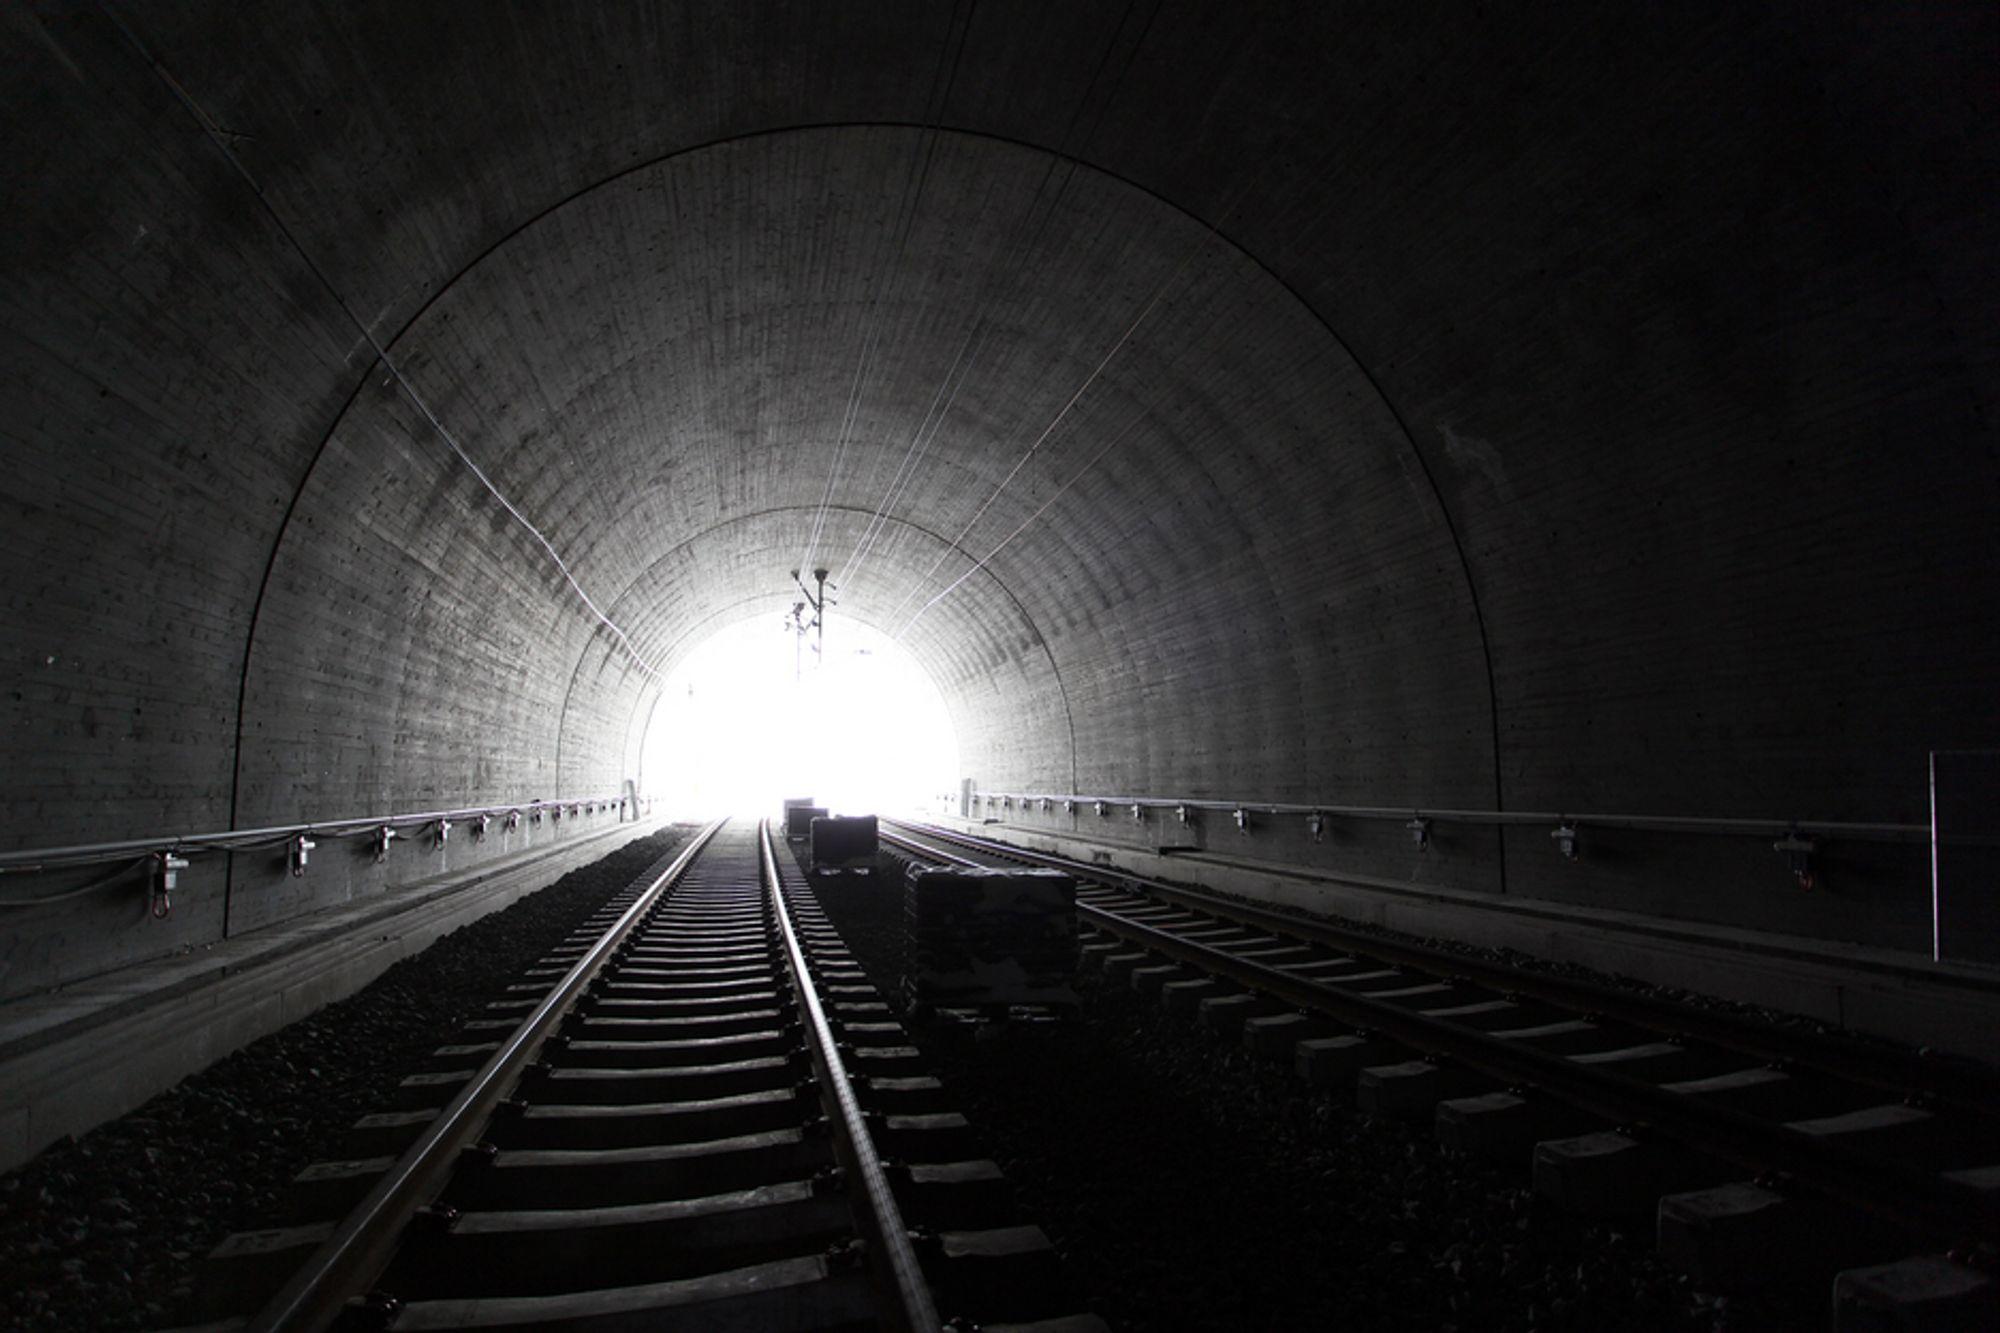 TBM? Mange venter i spenning på avgjørelsen om jernbanetunnelen mellom Oslo og Ski skal drives med konvensjonell sprengning, eller med tunnelboremaskin (TBM). Jernbaneverket håper å få bestemt drivemetoden allerede i år. (Illustrasjonsfoto, Bærumstunnelen)